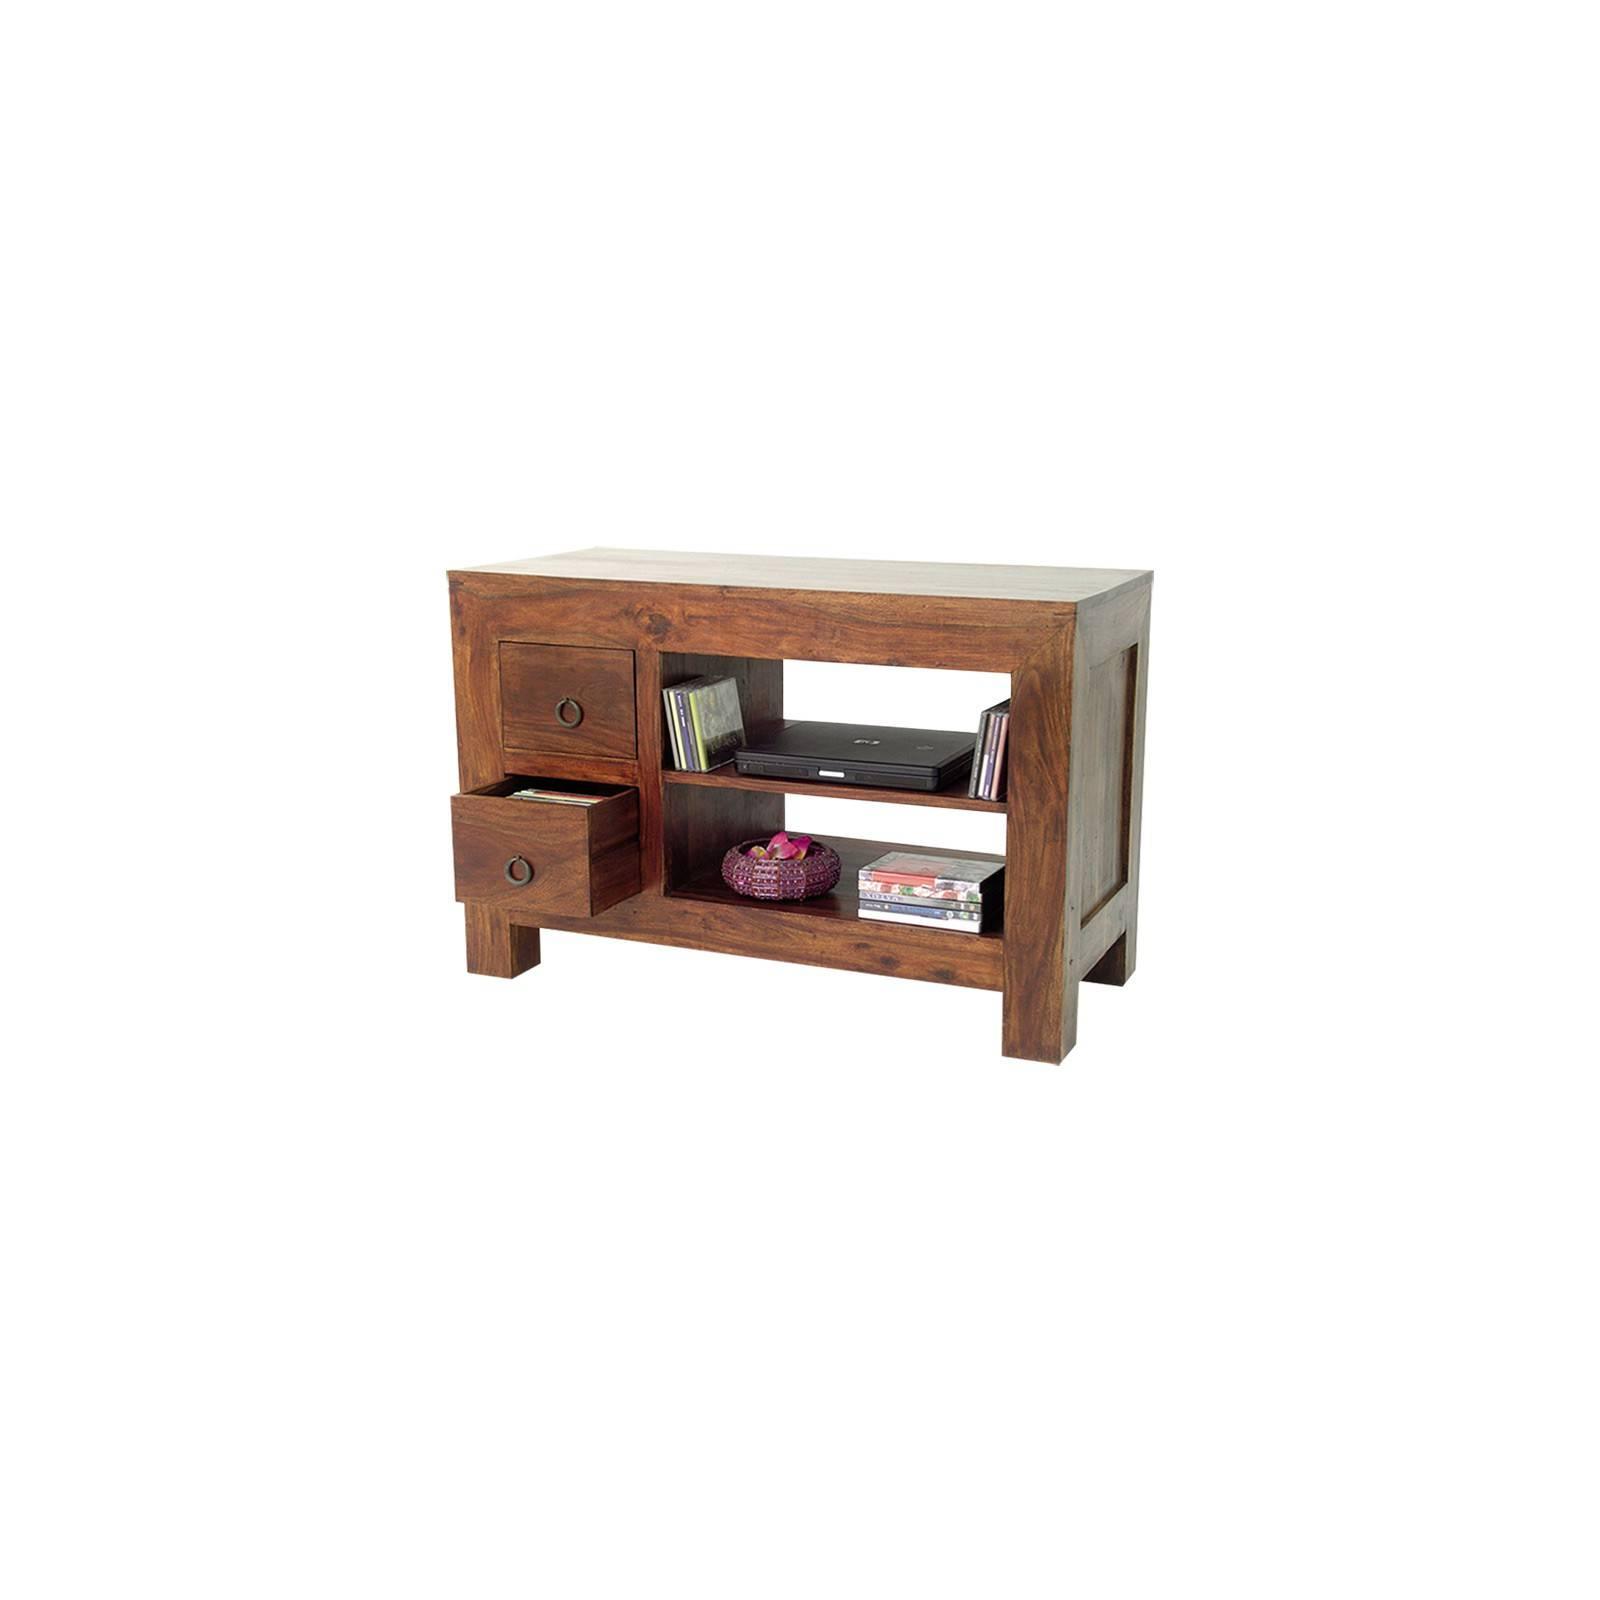 Petit meuble Tv en palissandre massif de la gamme Zen